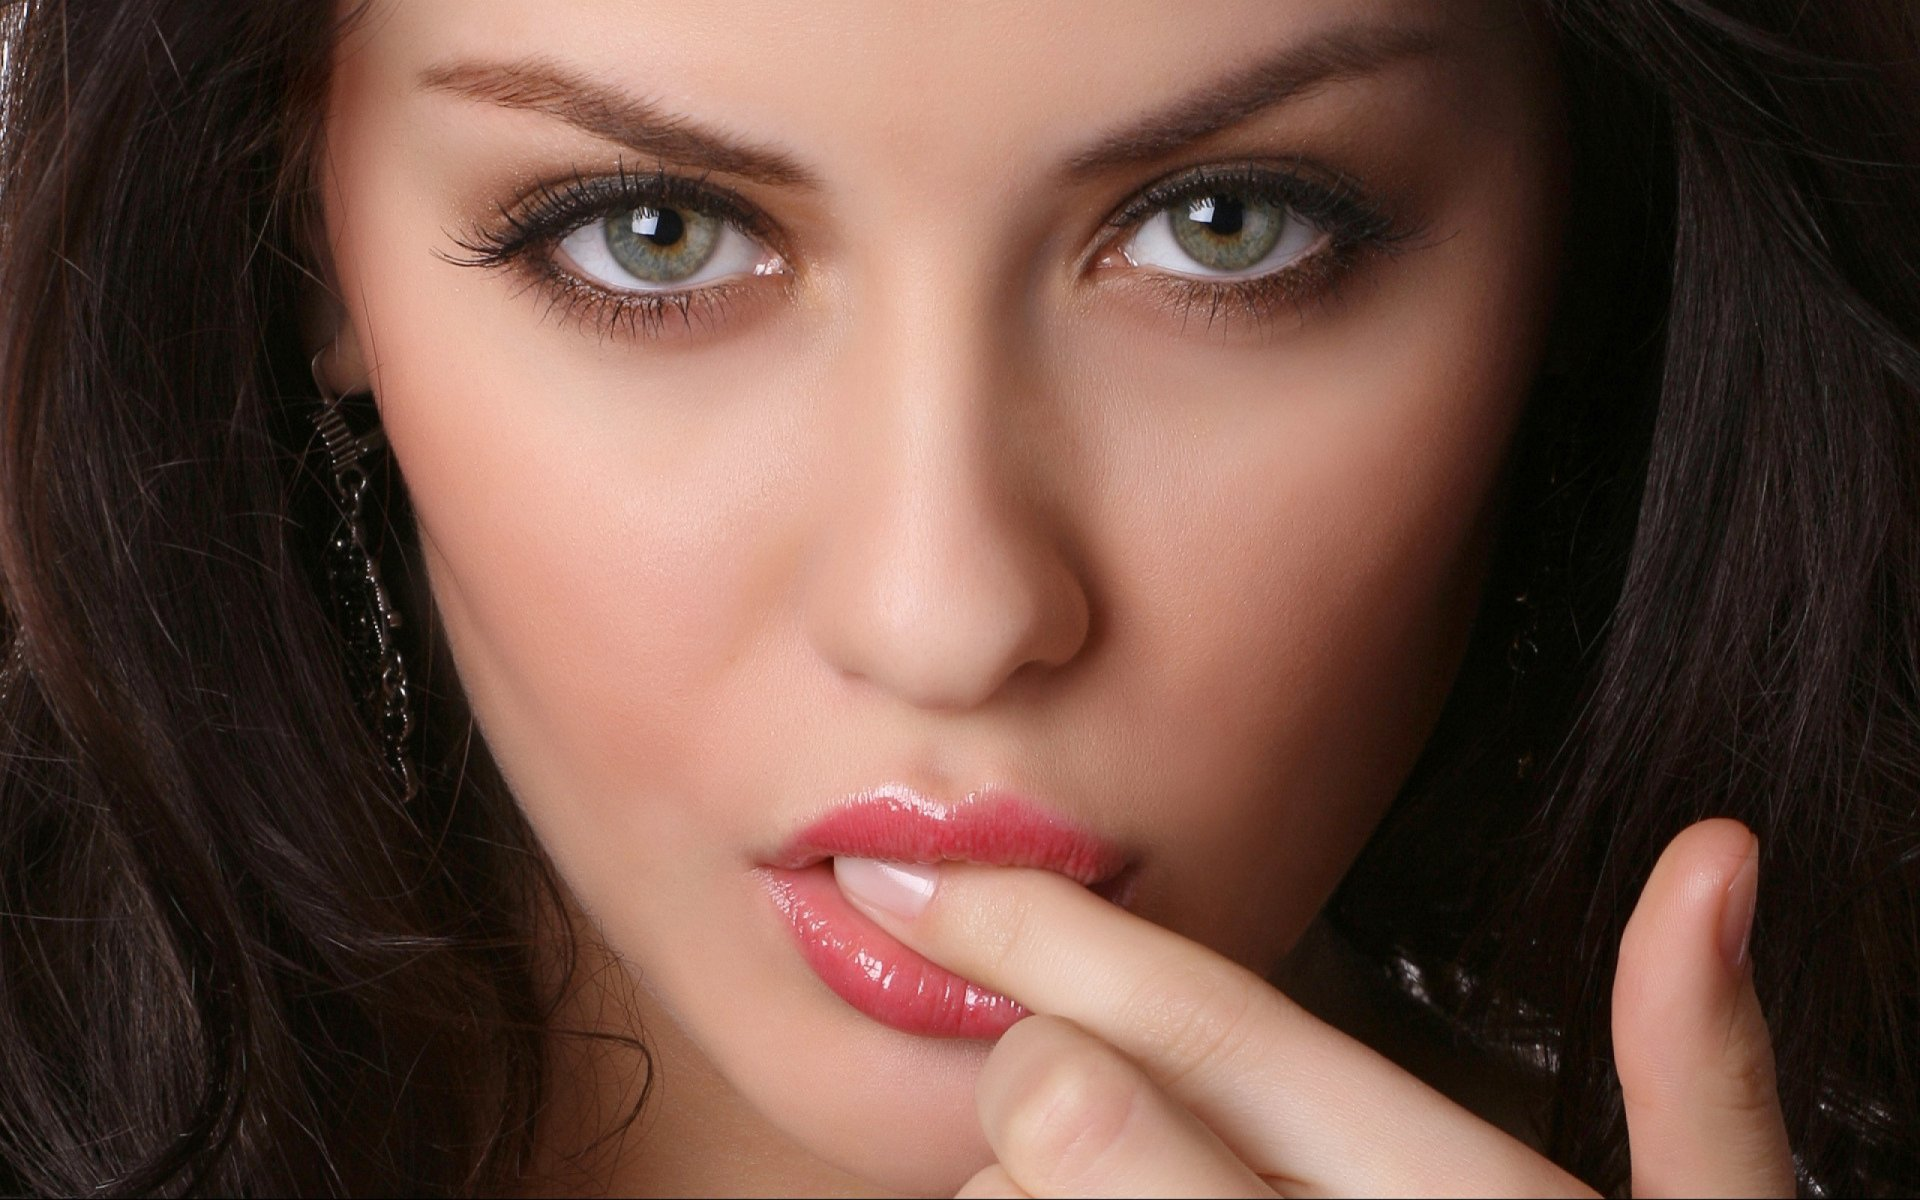 красивые серые глаза девушки фото